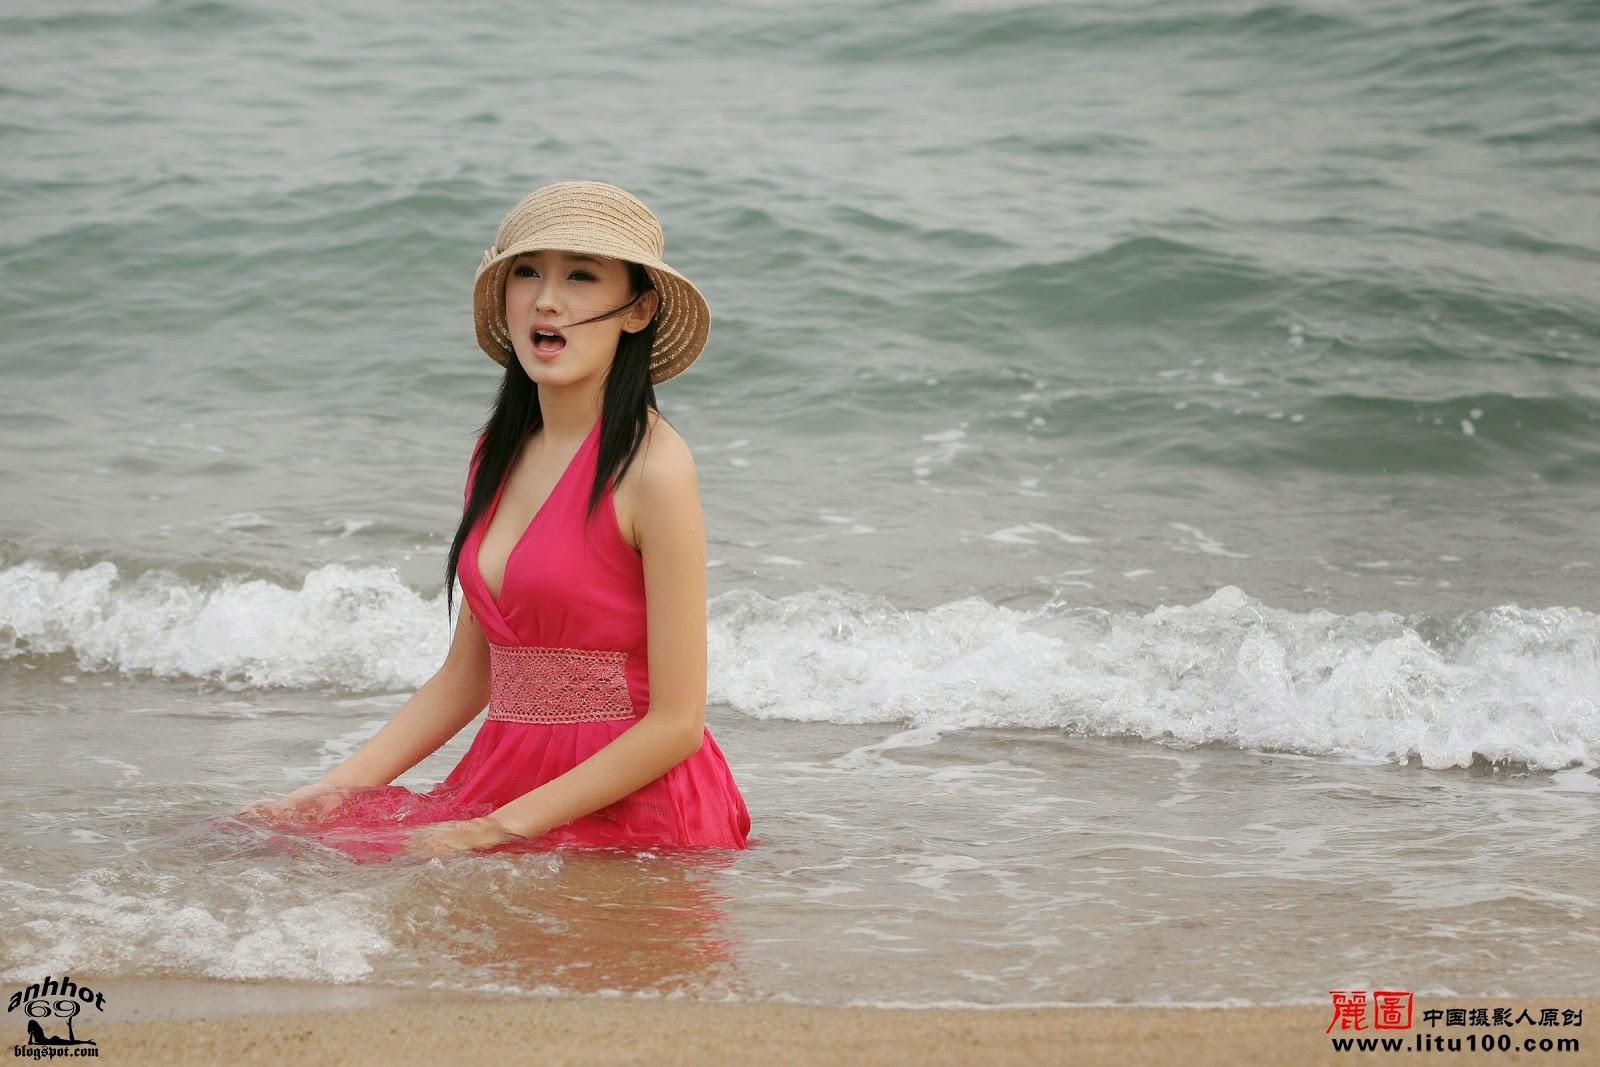 litu-200600819-zhang-tian-yi-sea_IMG_7084